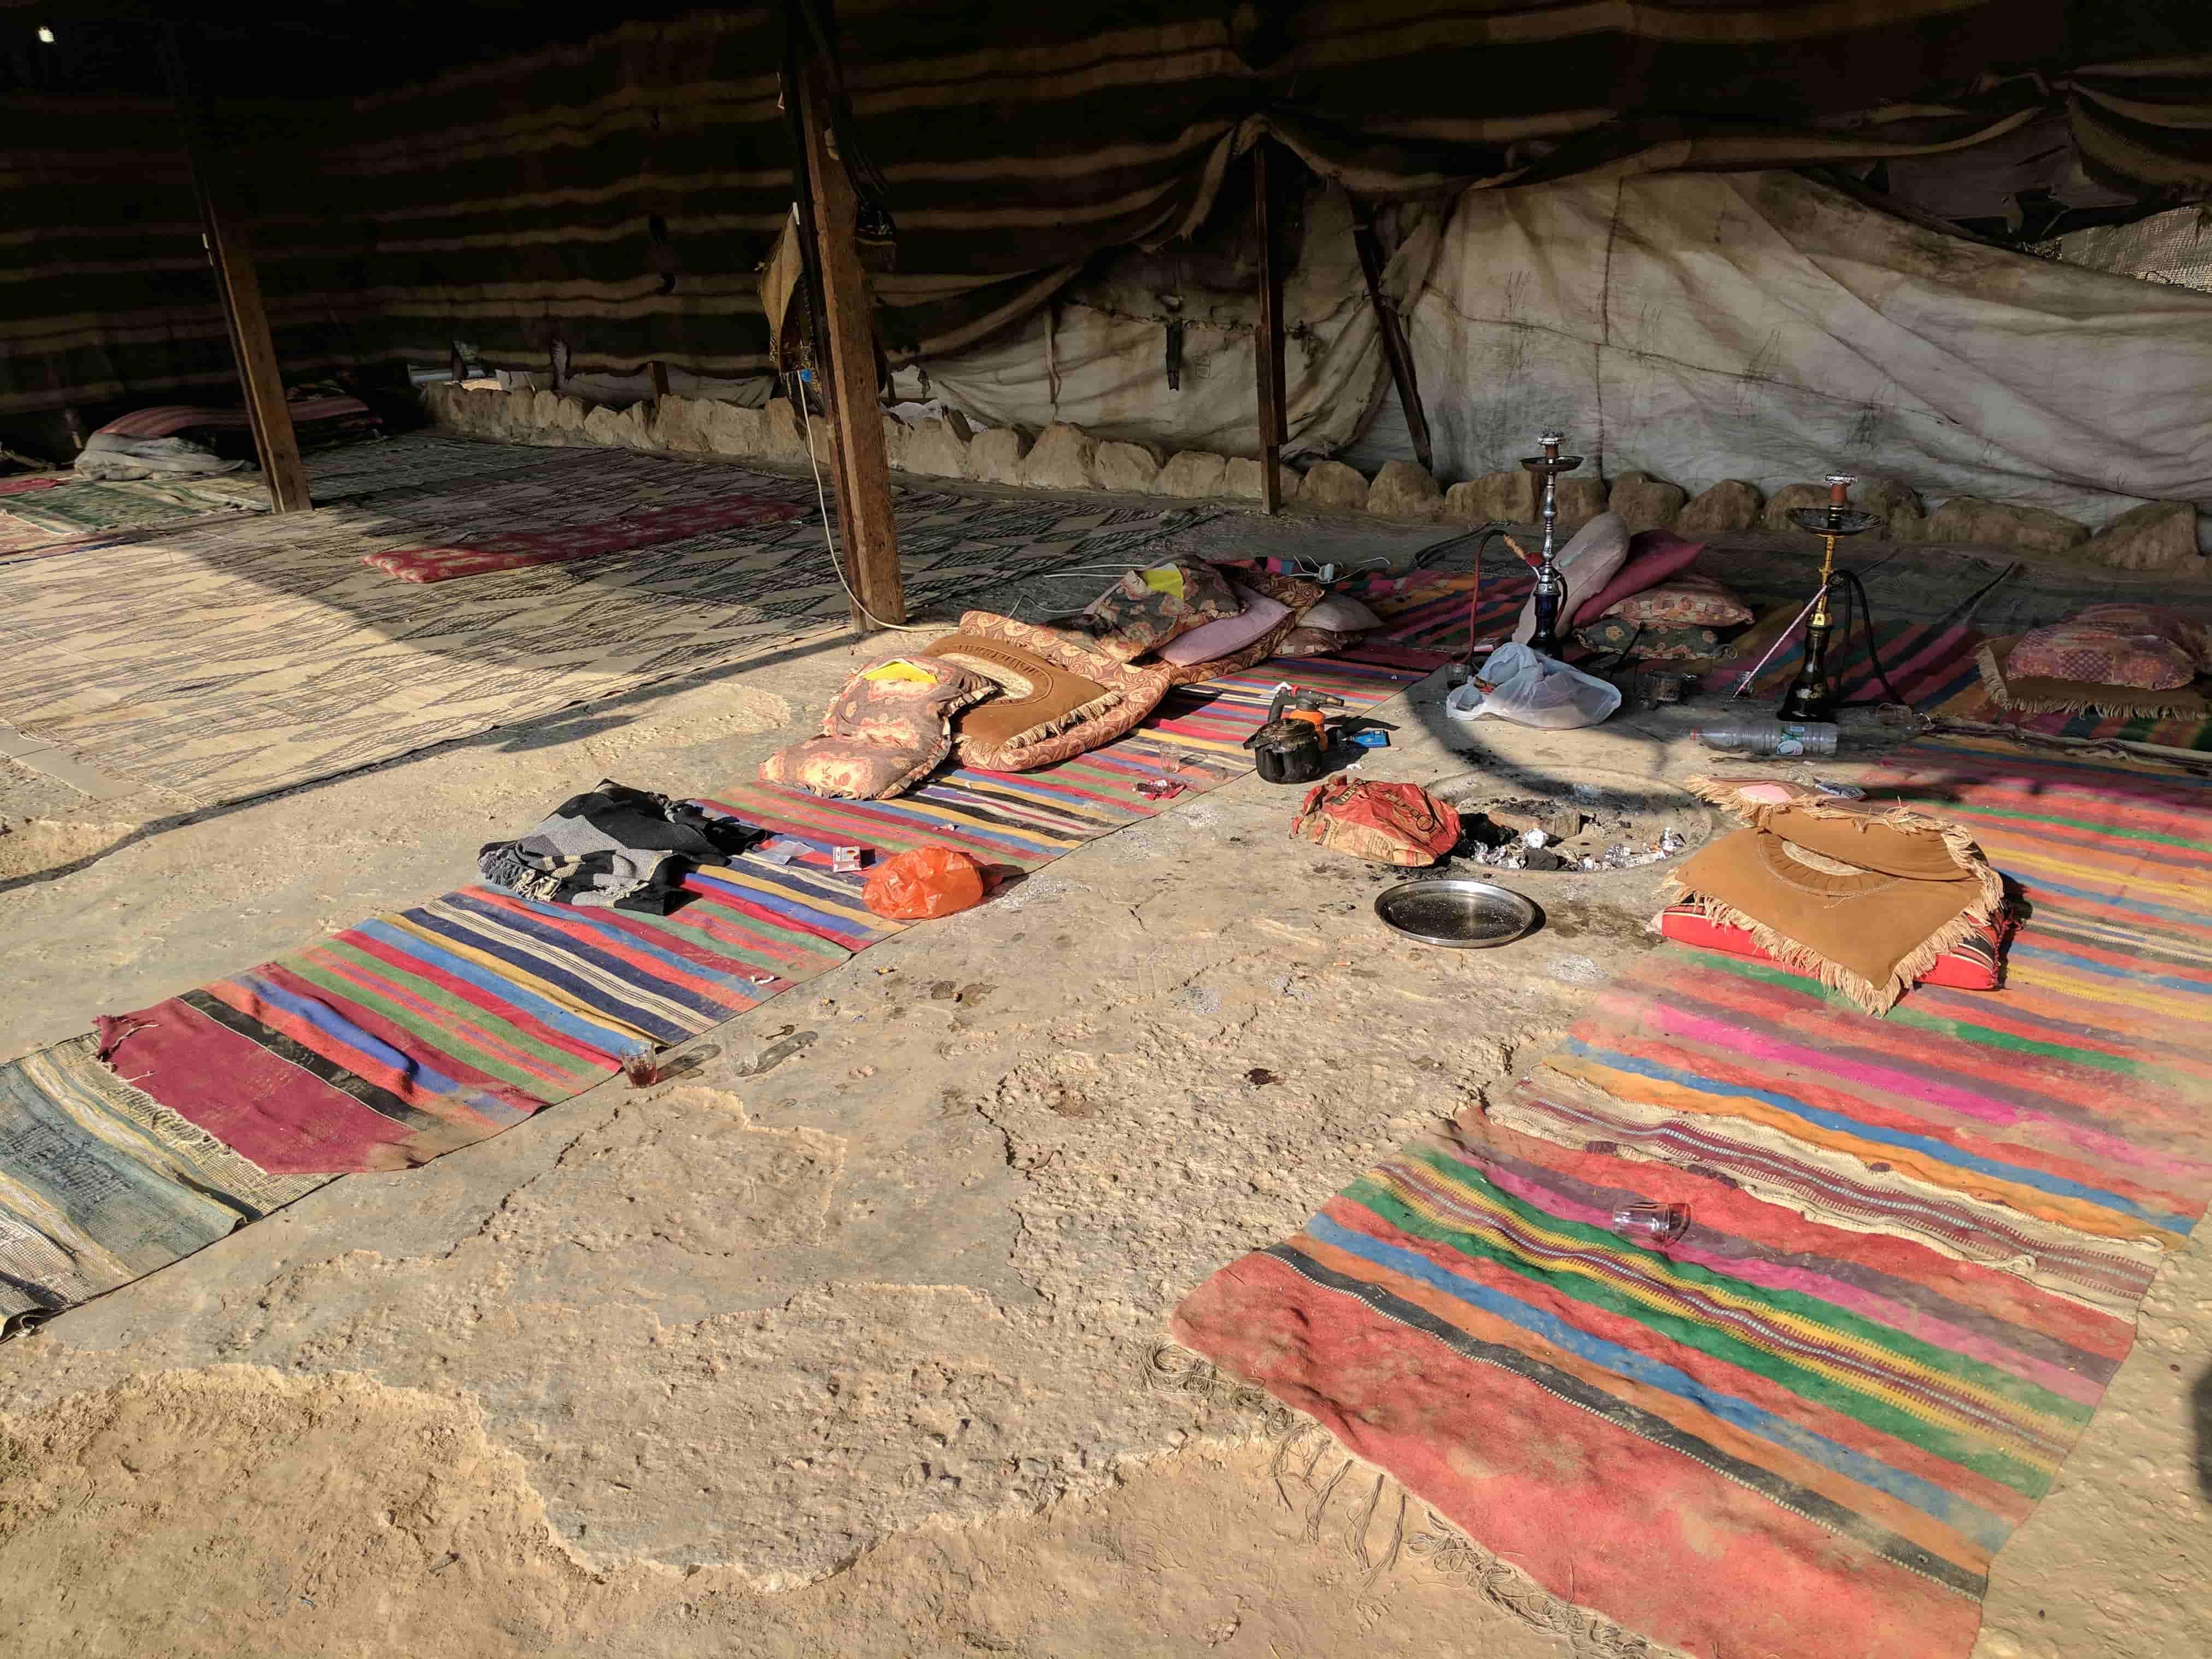 אוהל עיד